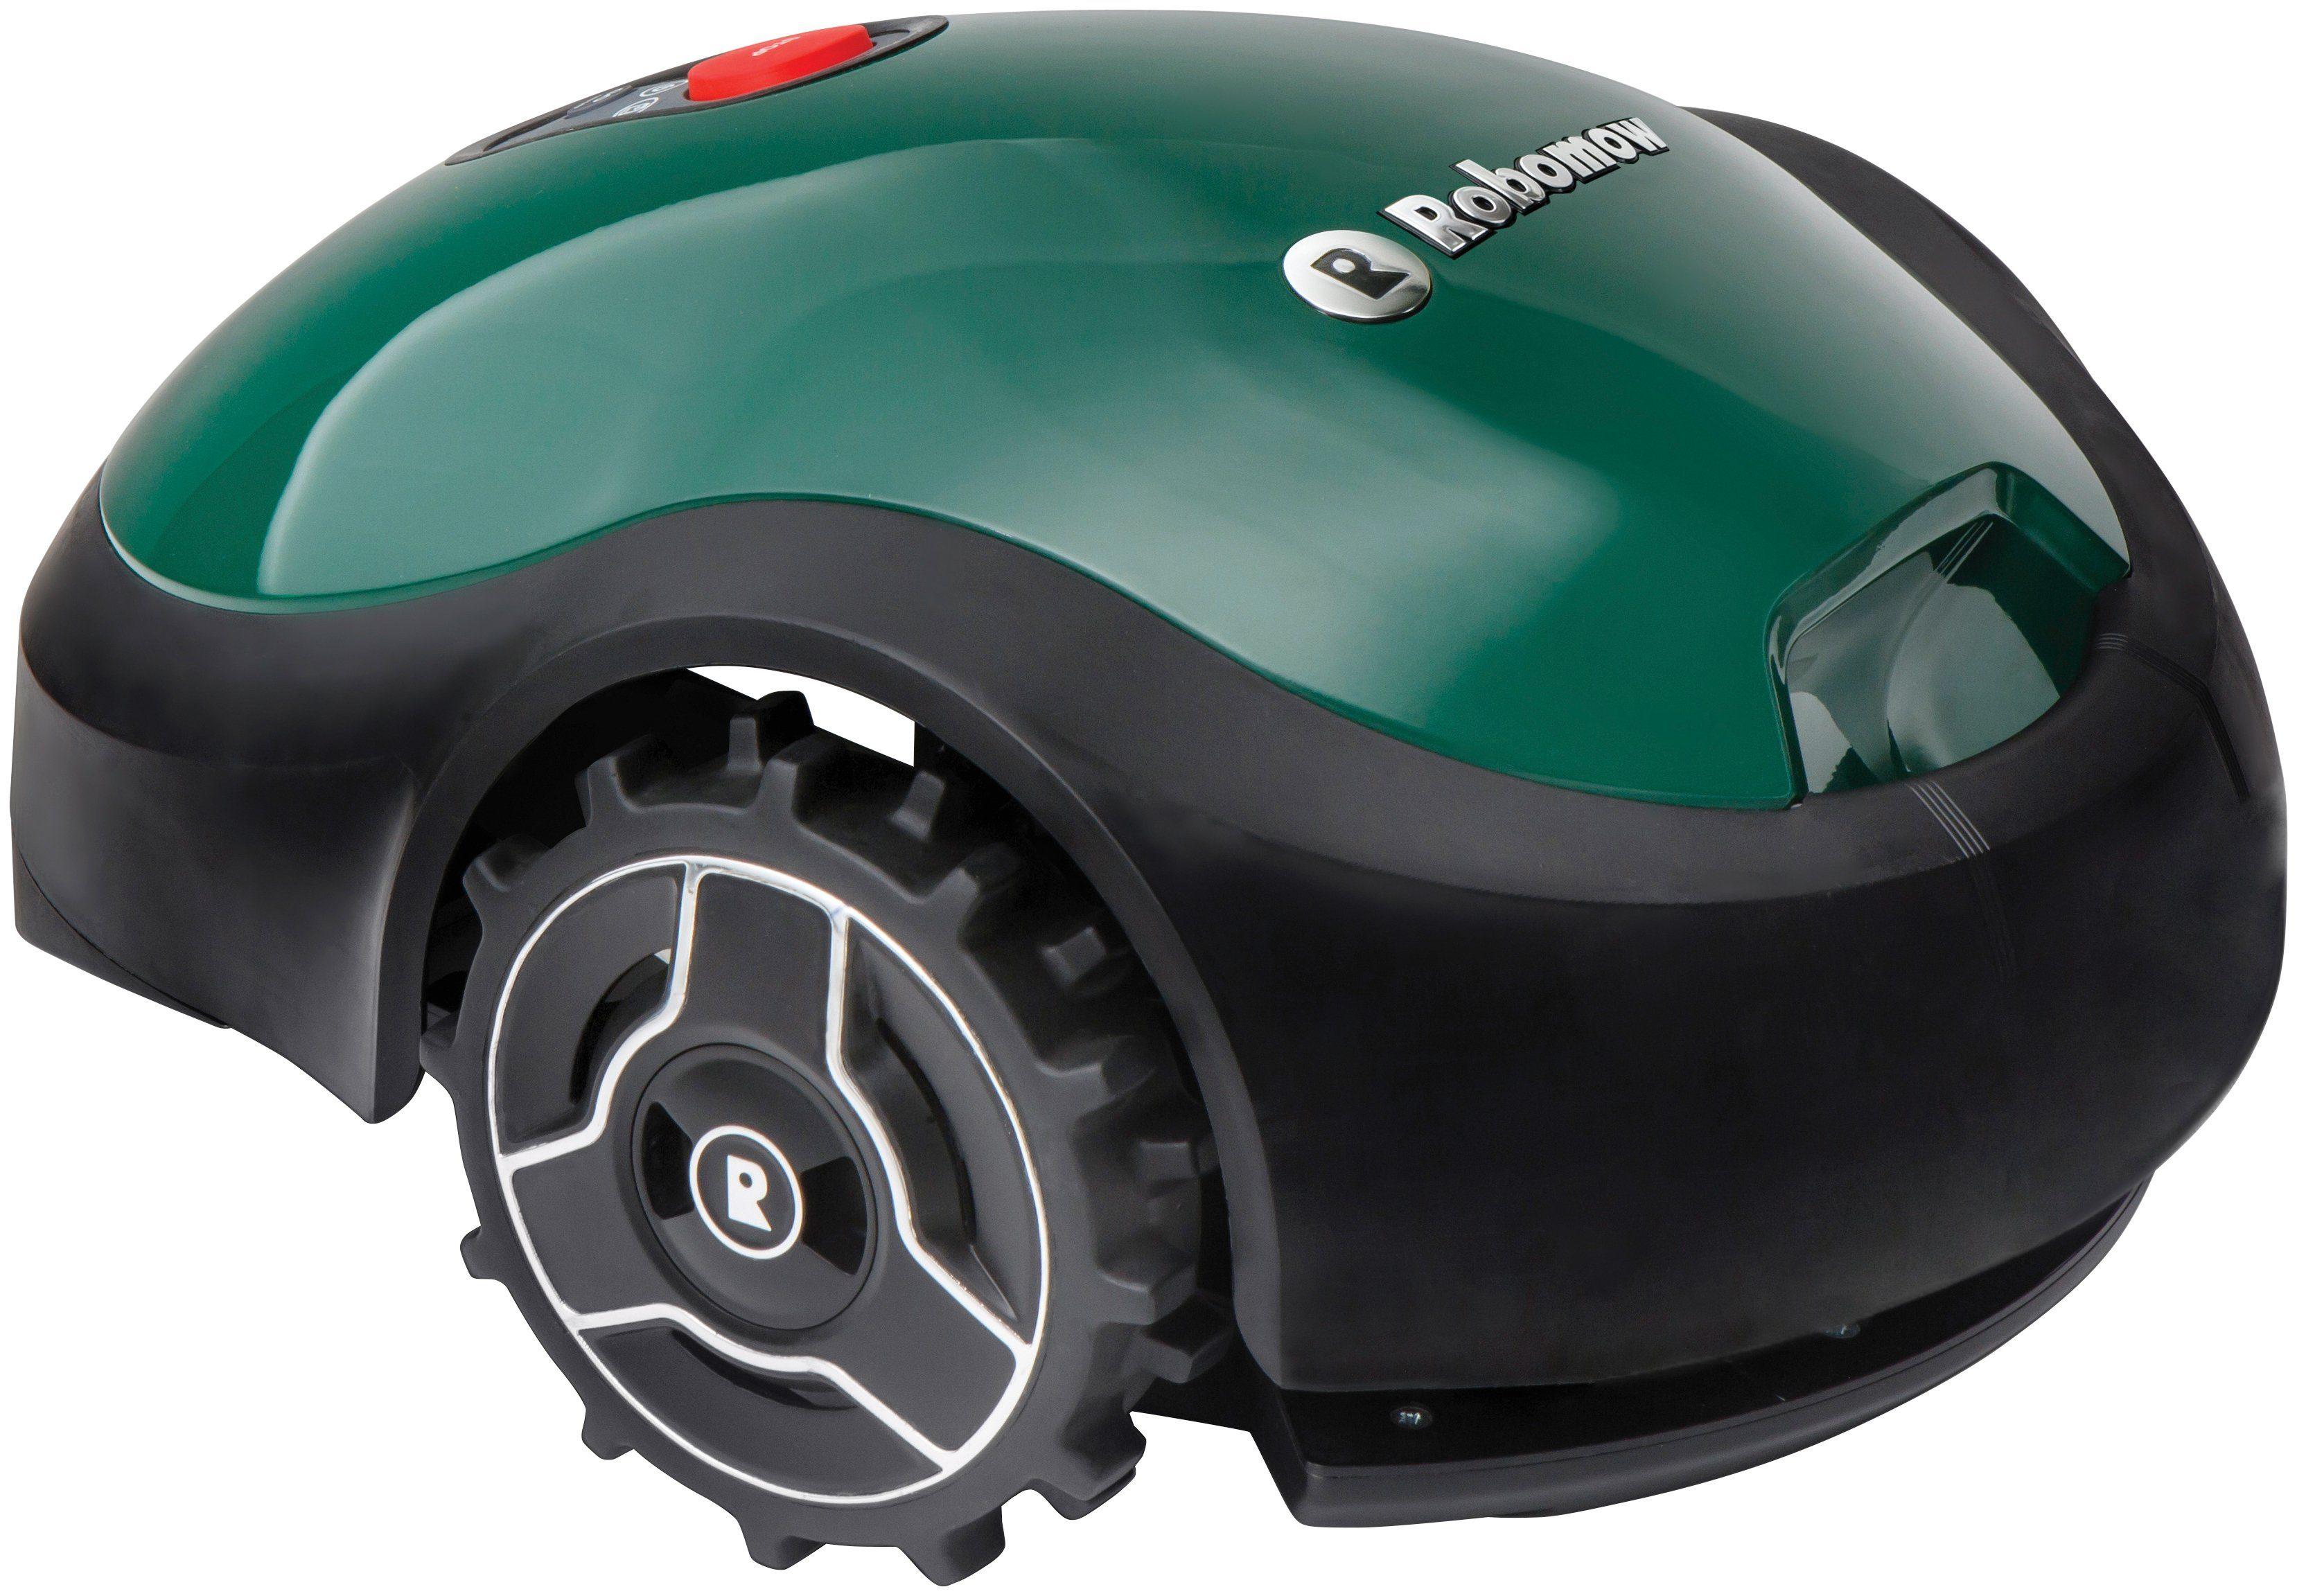 ROBOMOW Rasenmähroboter »Robo-Mow RX12U«, 18 cm Schnittbreite, bis 250 m² Rasenfläche